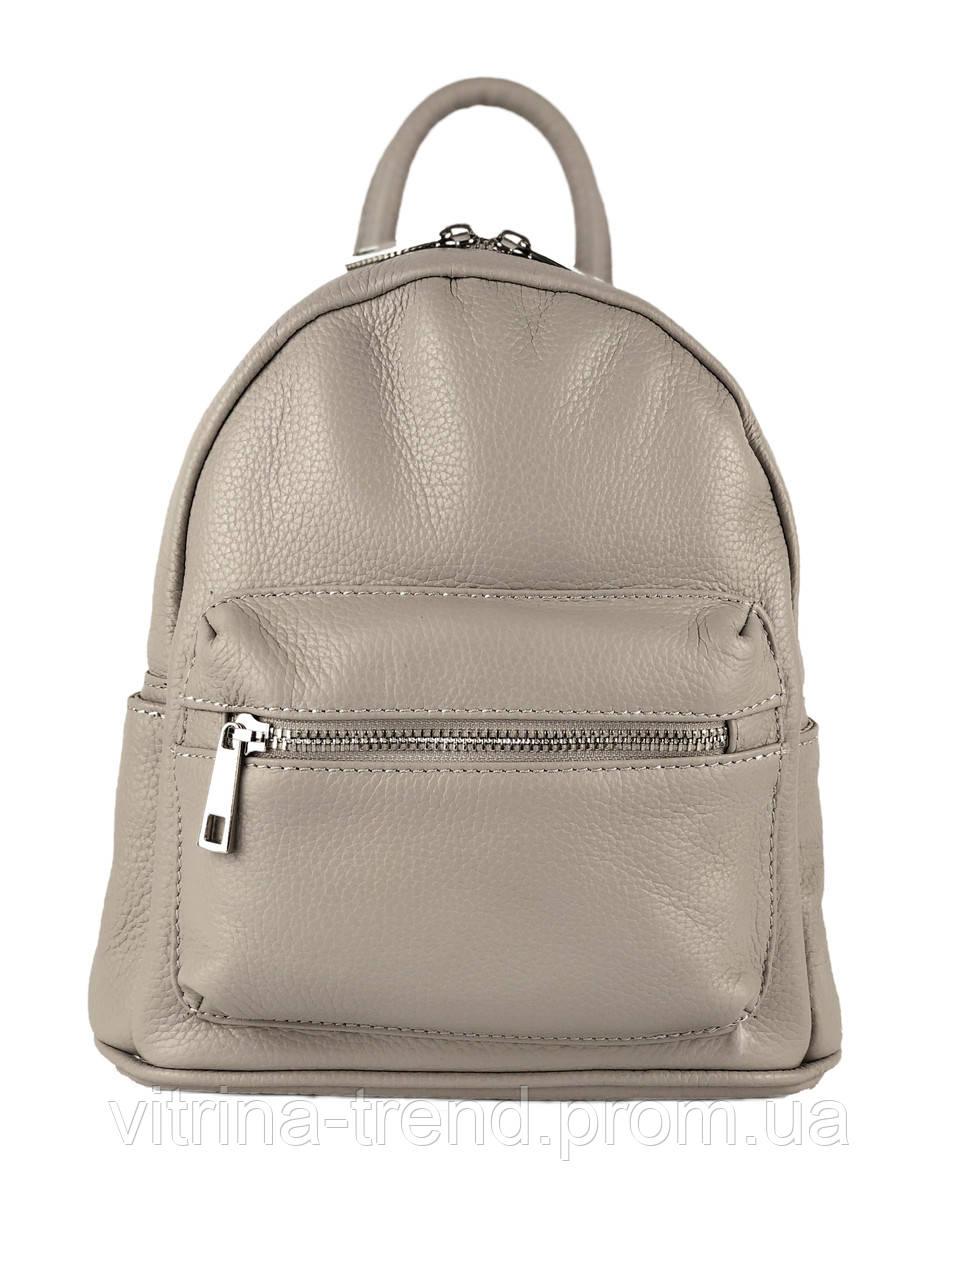 efcafdeb61d1 Женский кожаный модный рюкзак Италия , цена 1 300 грн., купить в ...